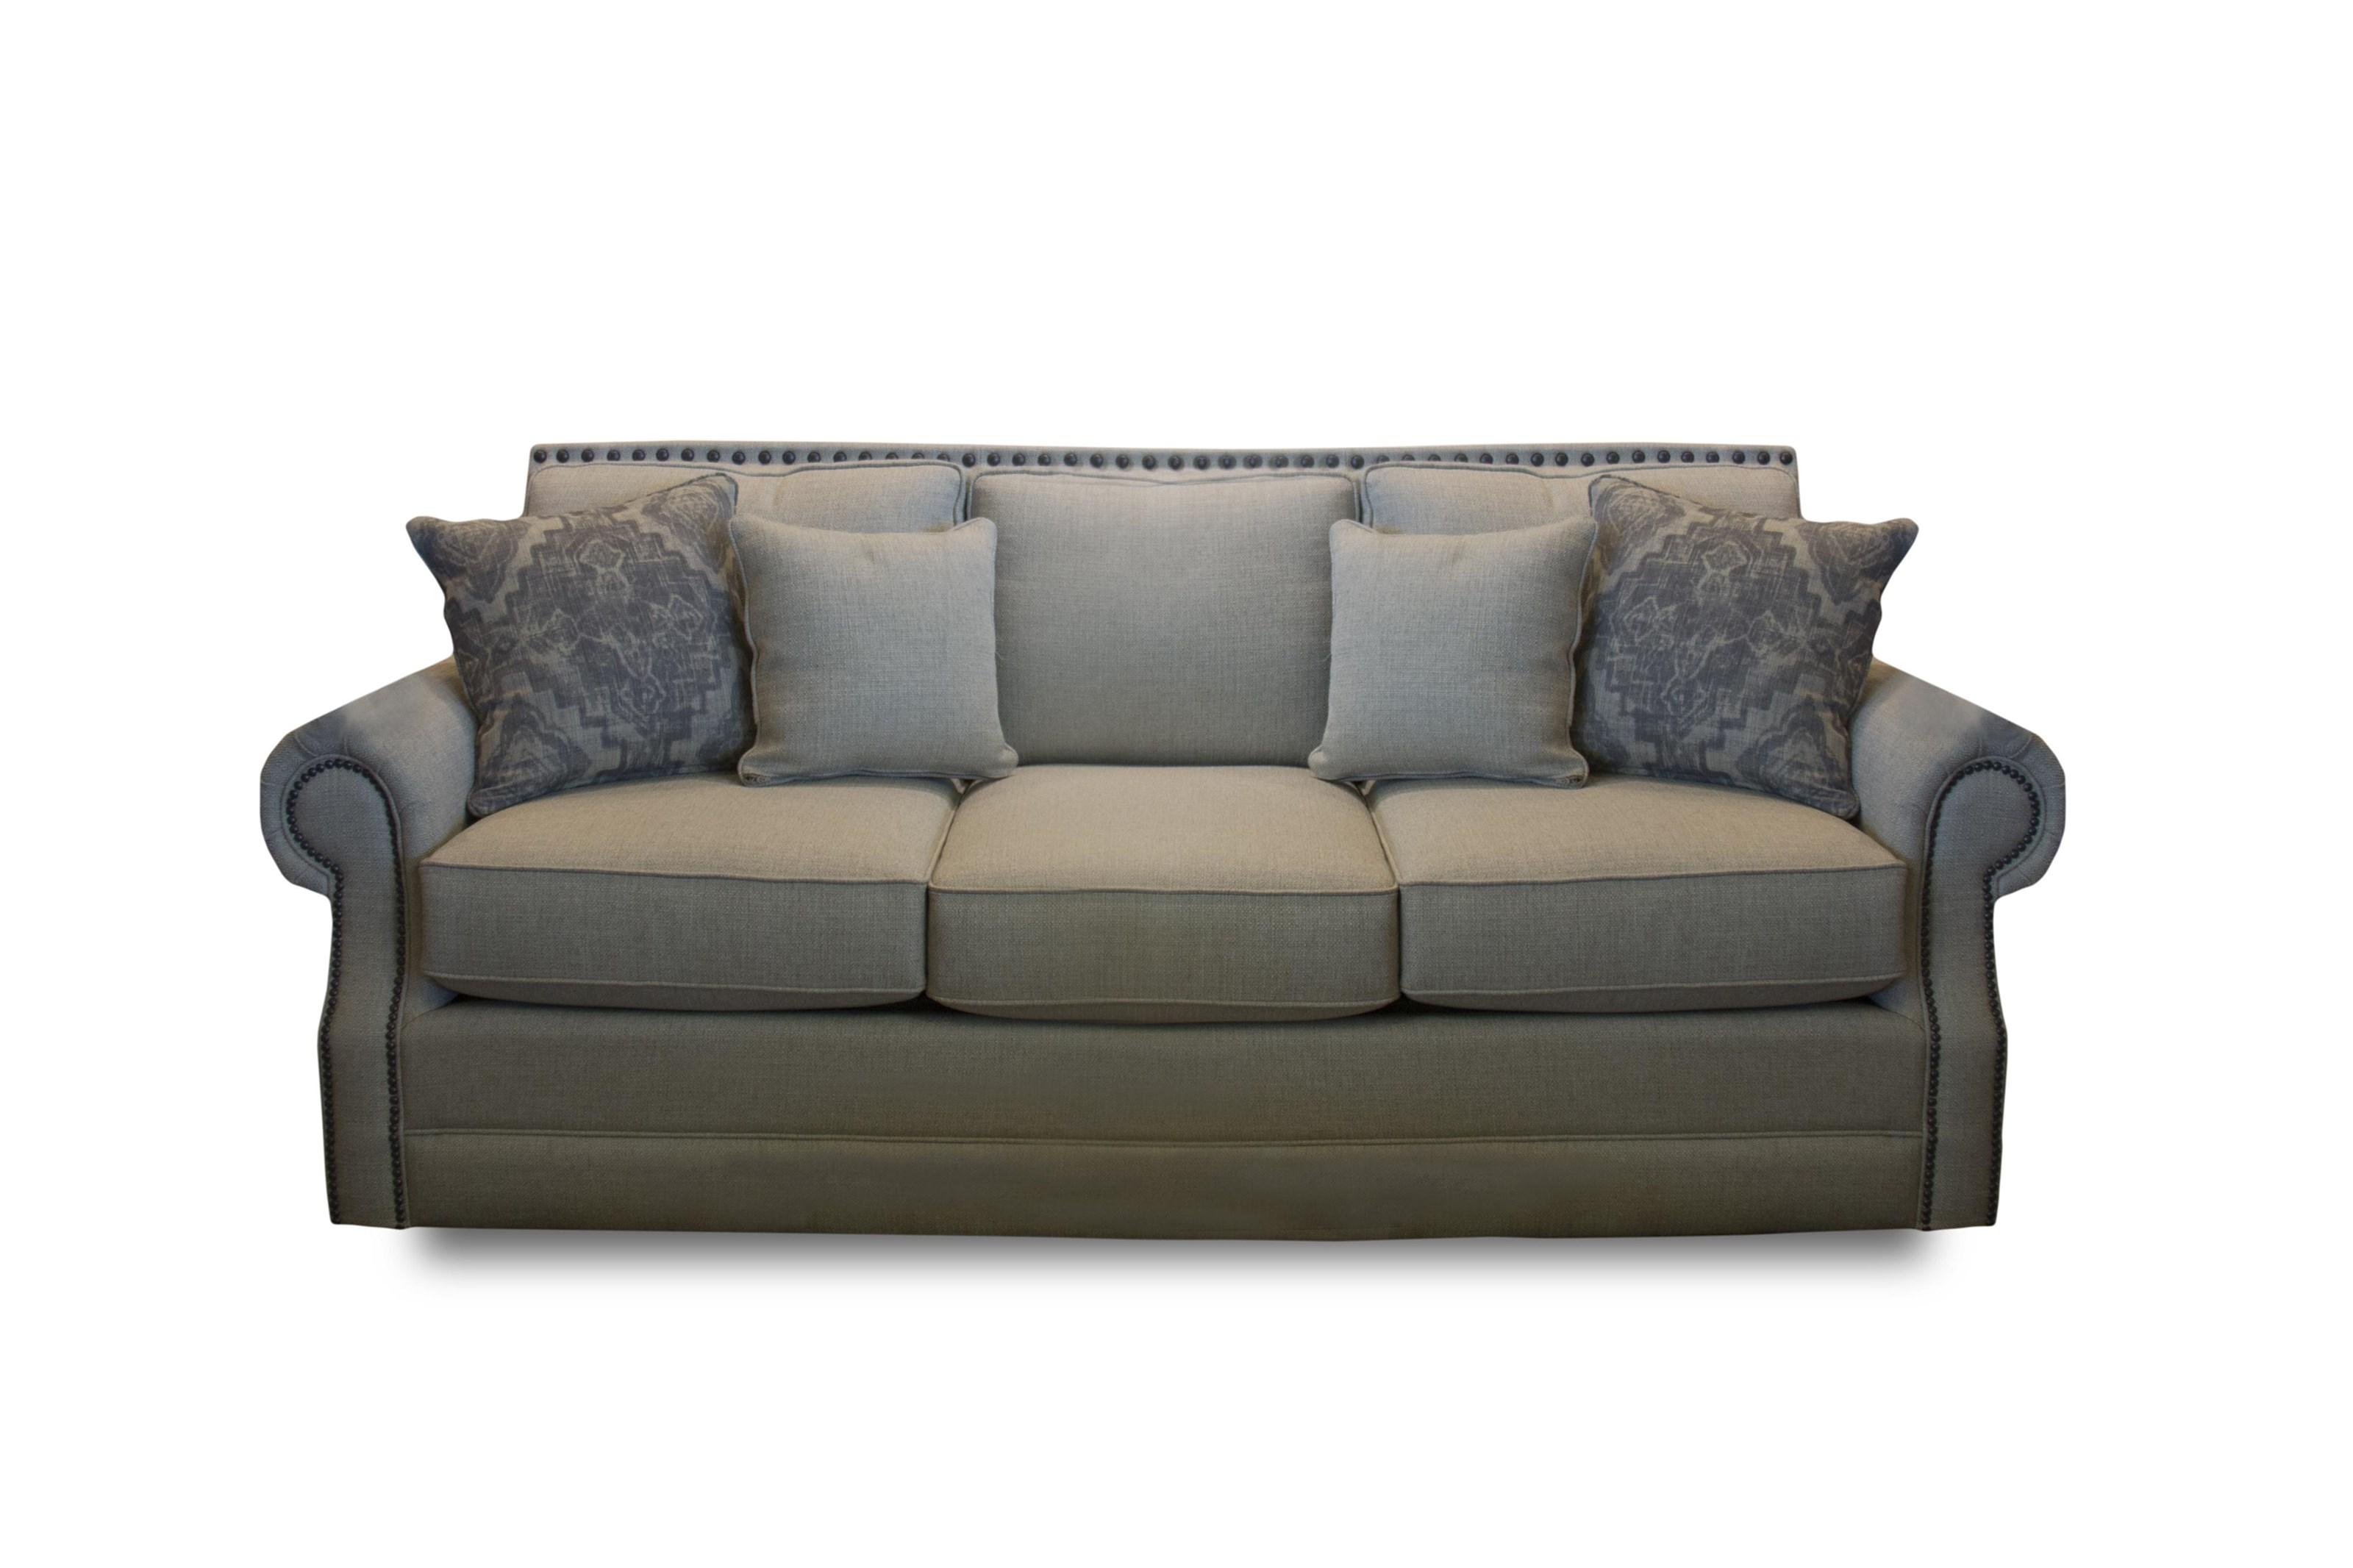 Bassett Hubbard 3902 62h 1474 2 5143 19 Obnail Sofa